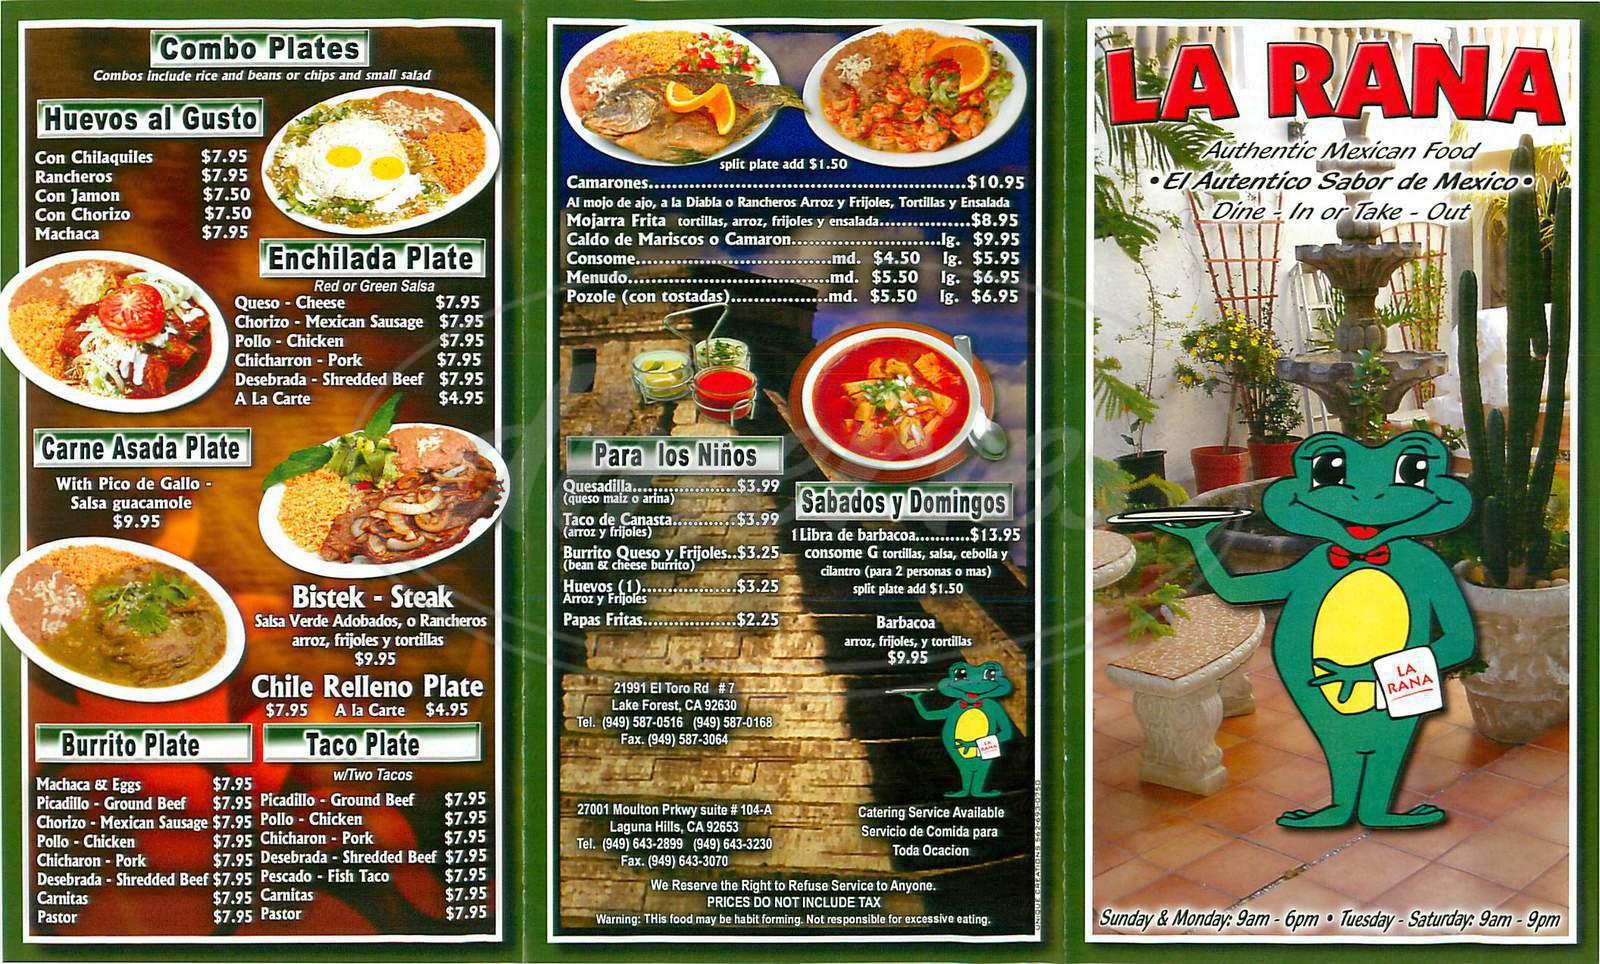 menu for La Rana